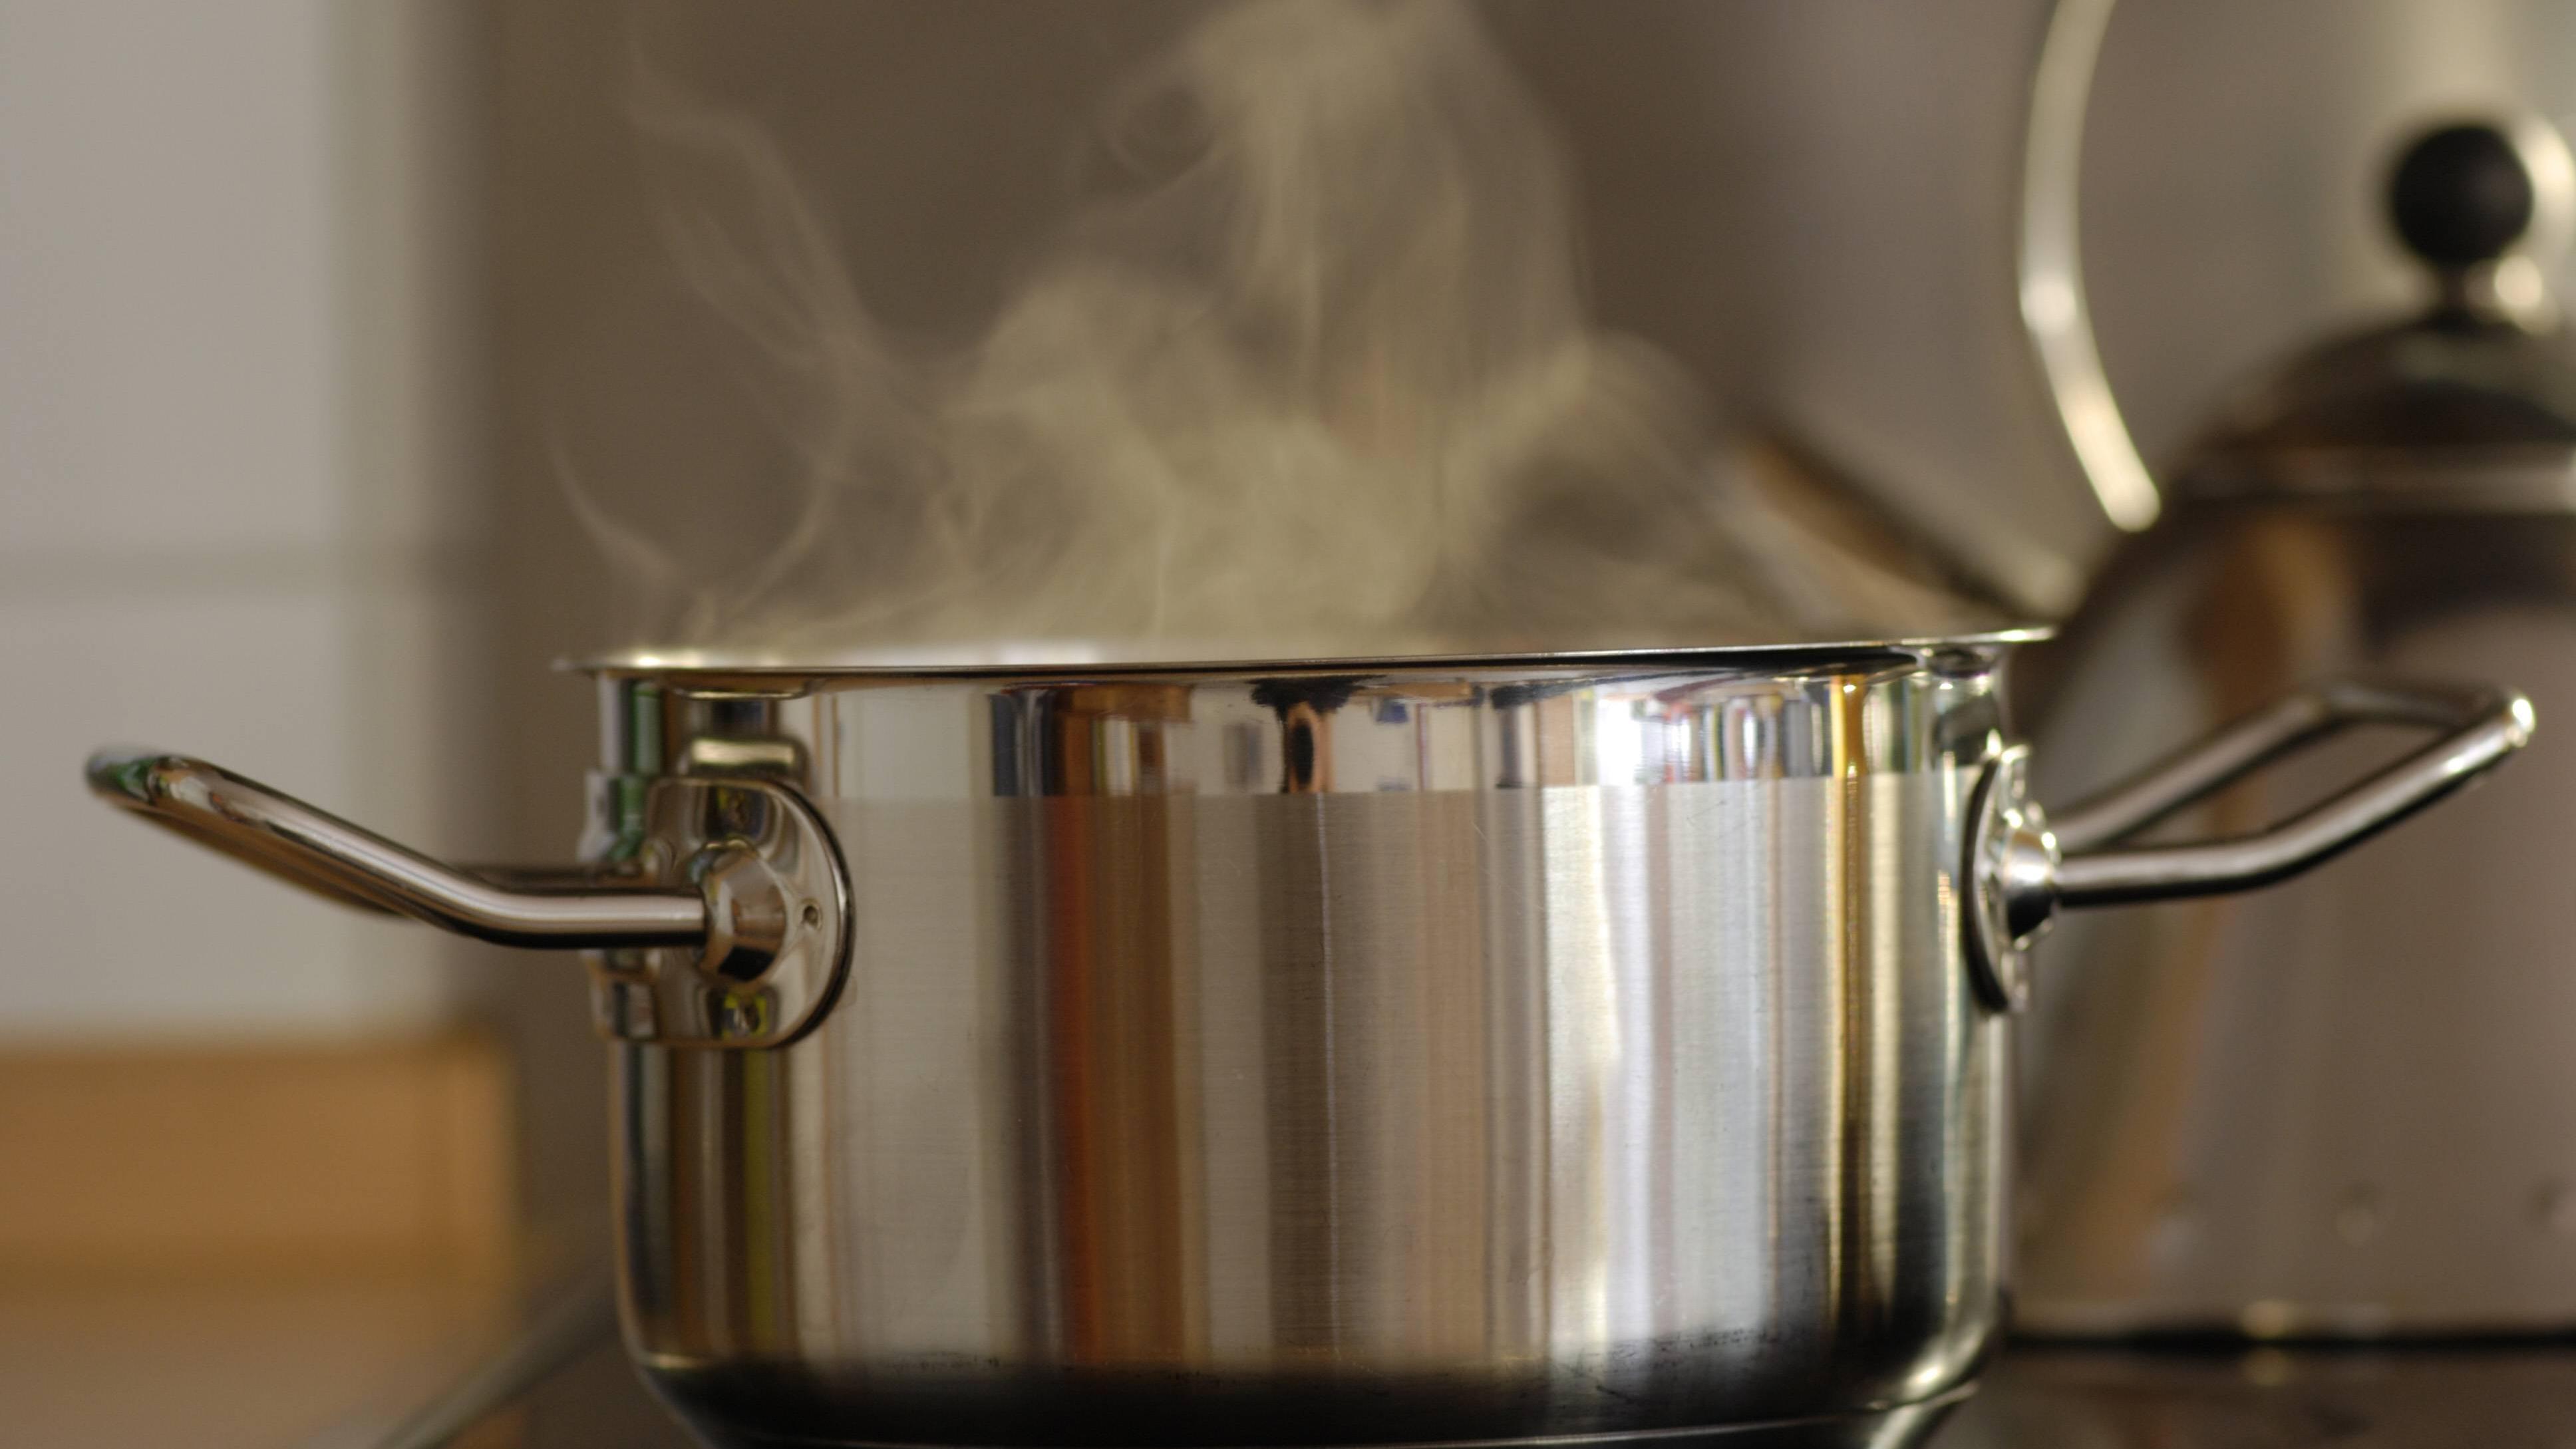 Machen Sie sich den Wasserdampf zunutze, um Ihren Brokkoli damit zu blanchieren.